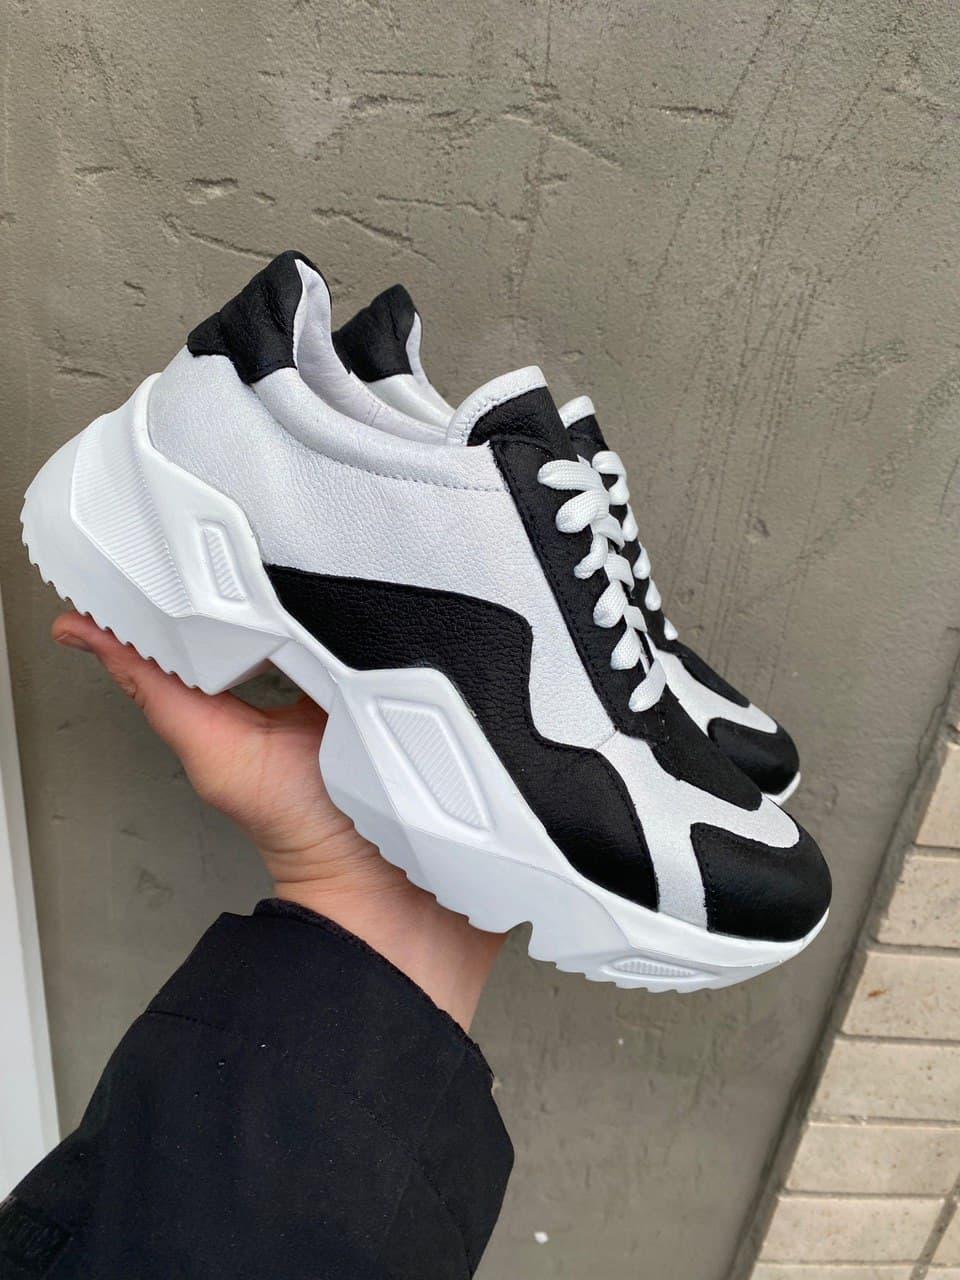 Женские кроссовки кожаные весна/осень белые-черные Obr 21133 White Edition